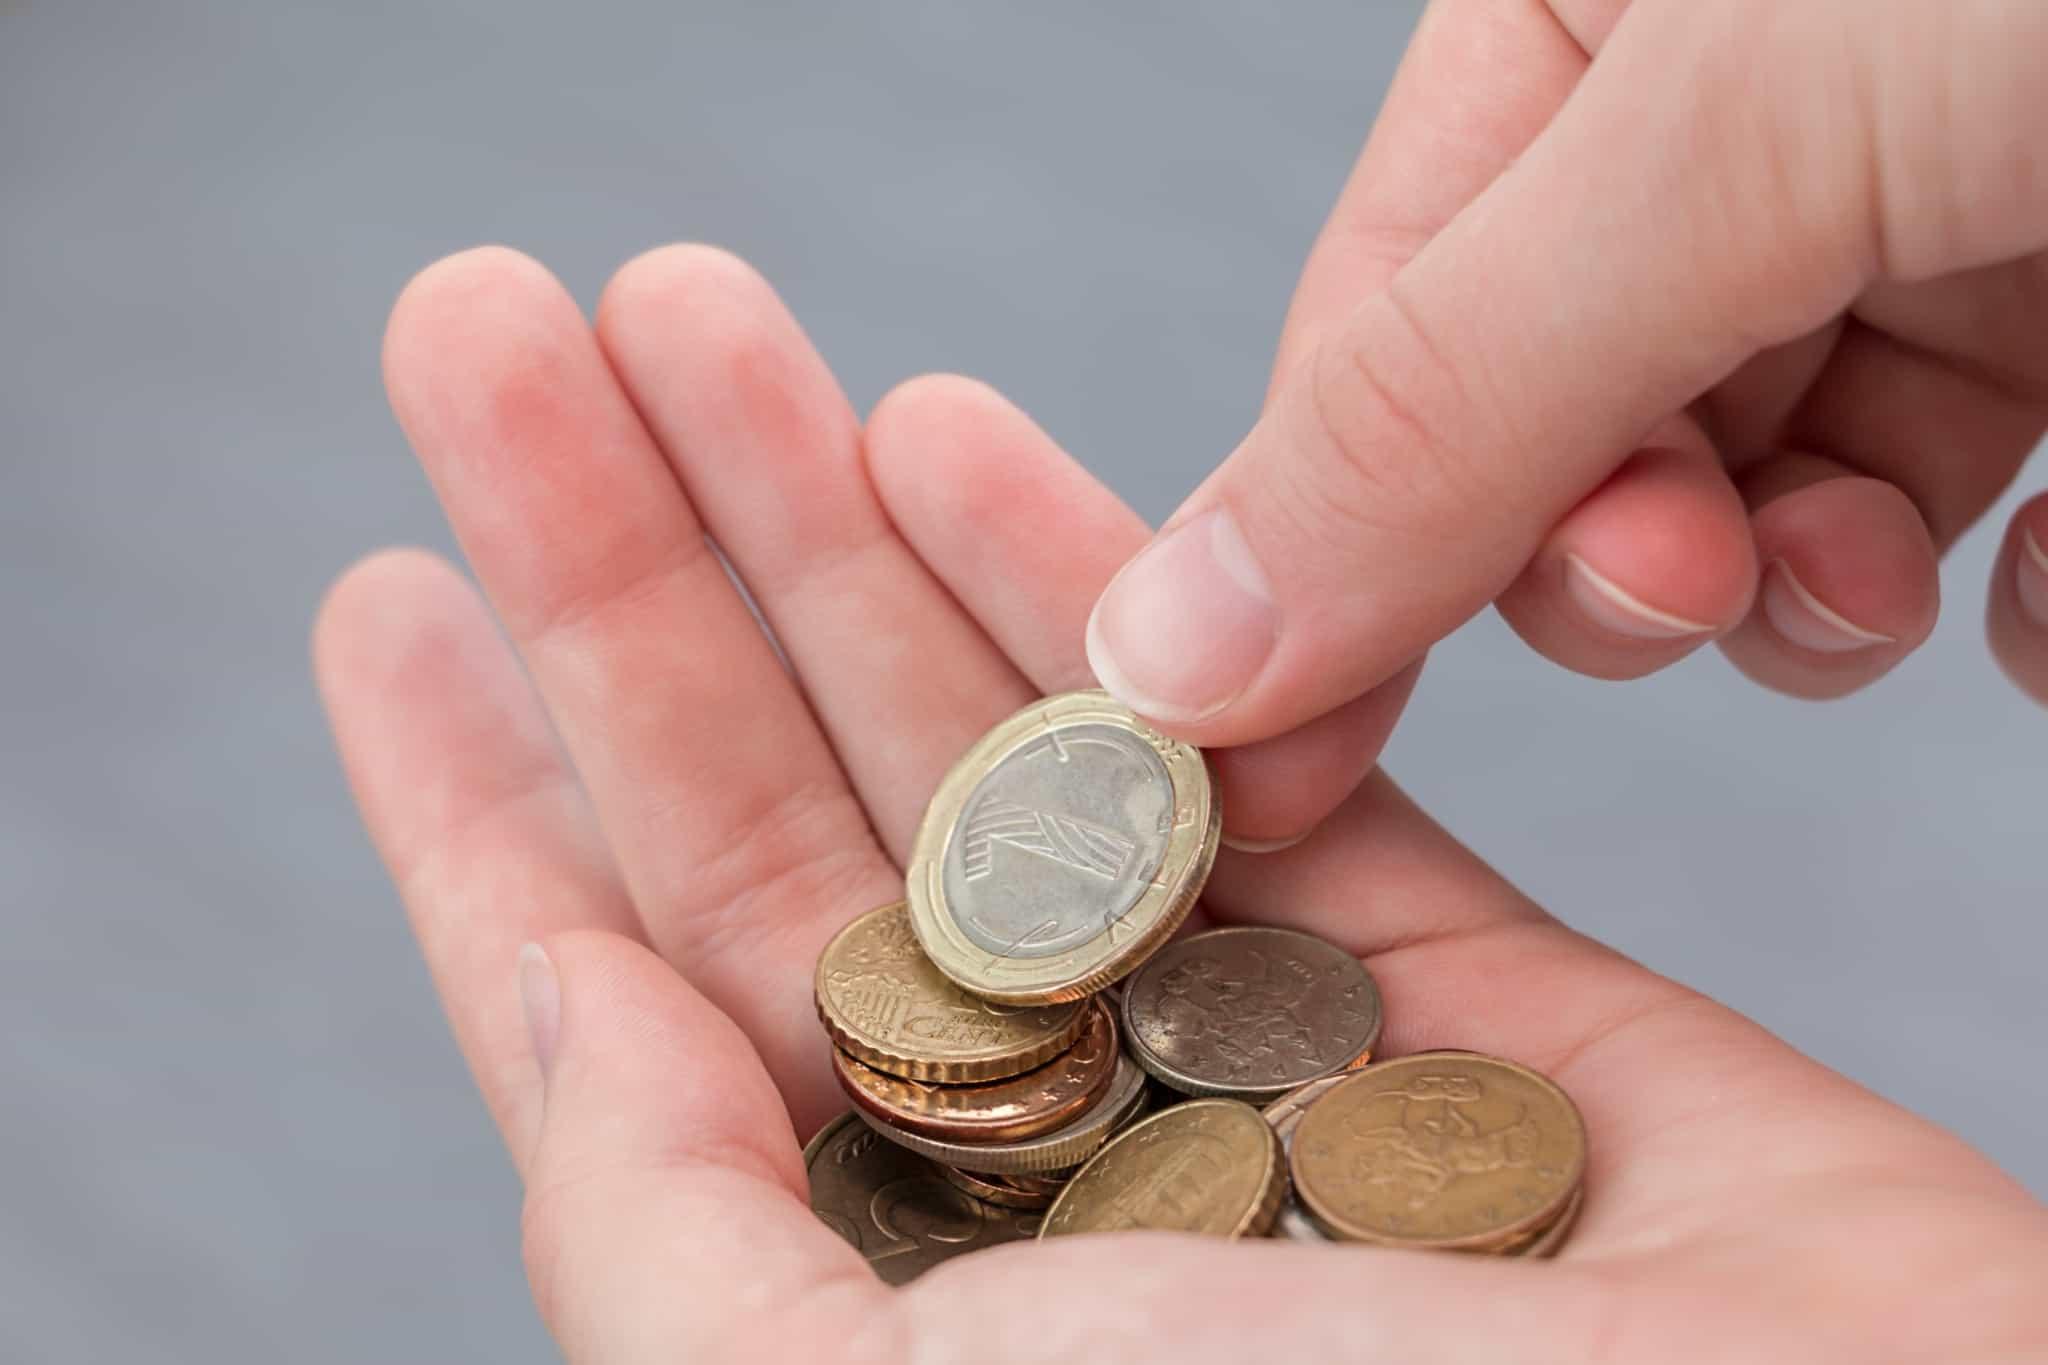 moedas de euros na mão de uma pessoa